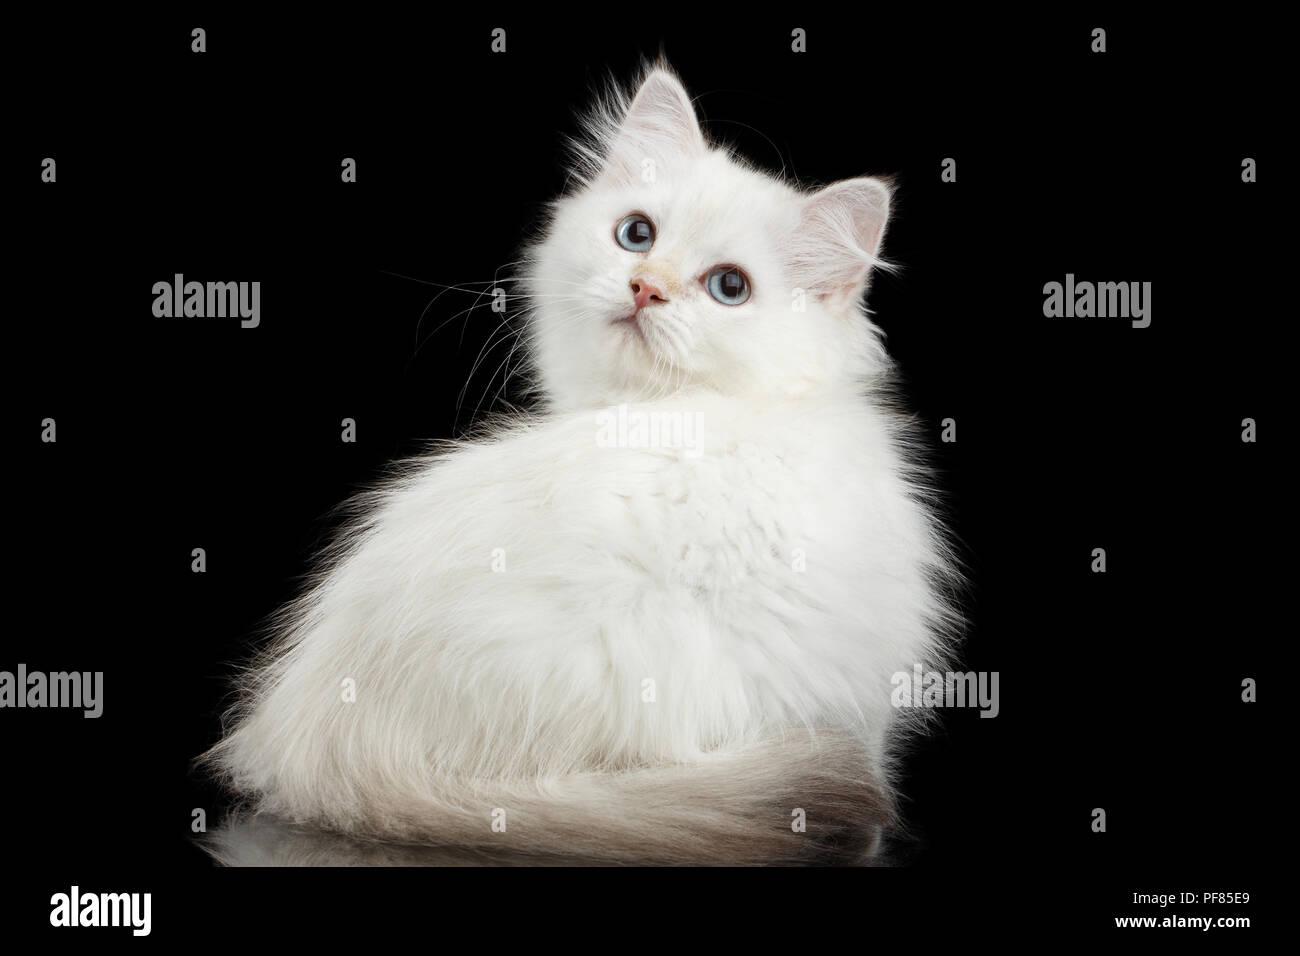 british shorthair cat kitten cream white stock photos